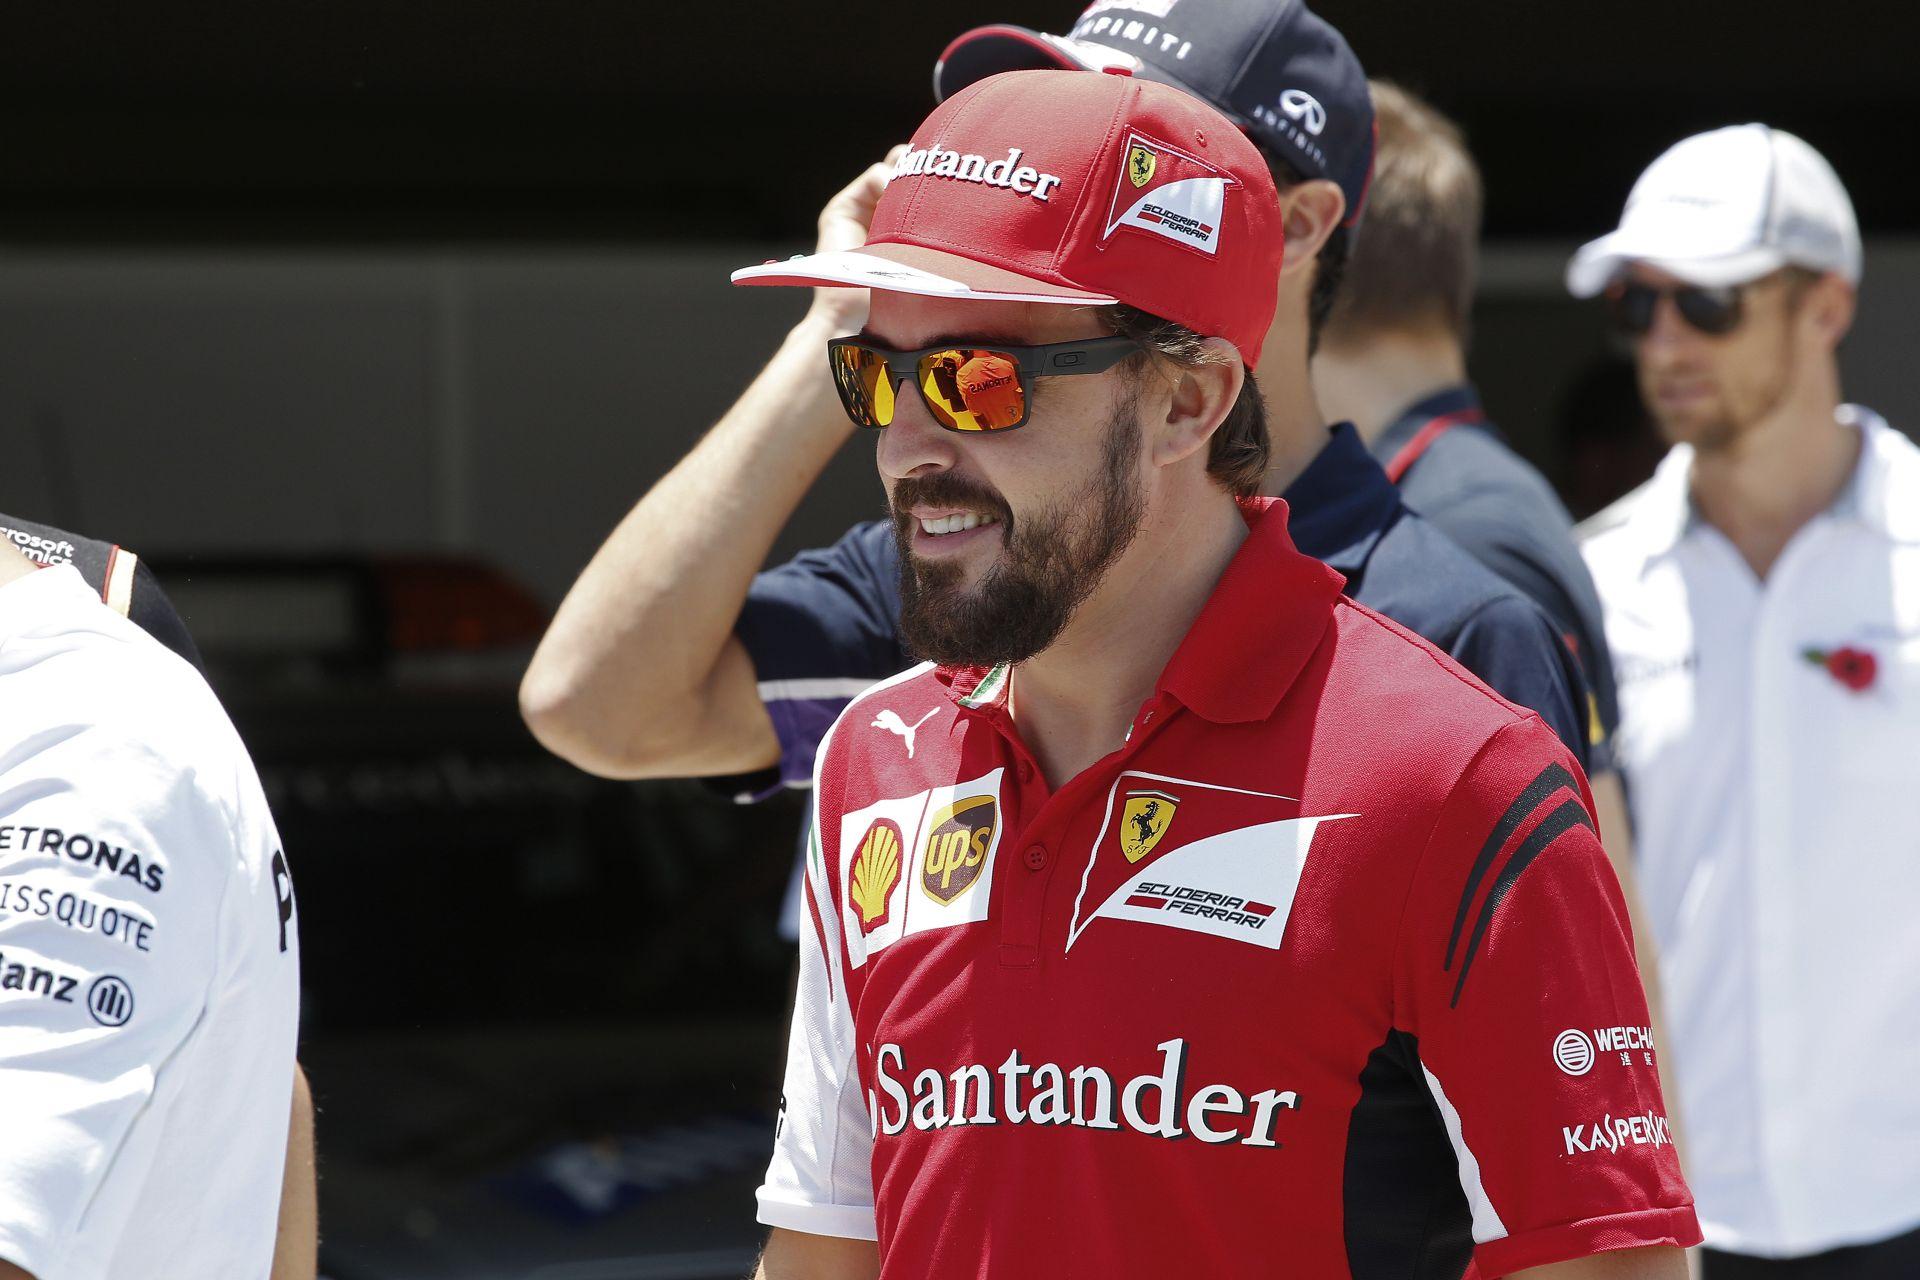 Lotus: Alonso egy csodálatos pilóta, aki bárhová is megy, sikeres lesz! MInden kétséget kizáróan ő a legjobb